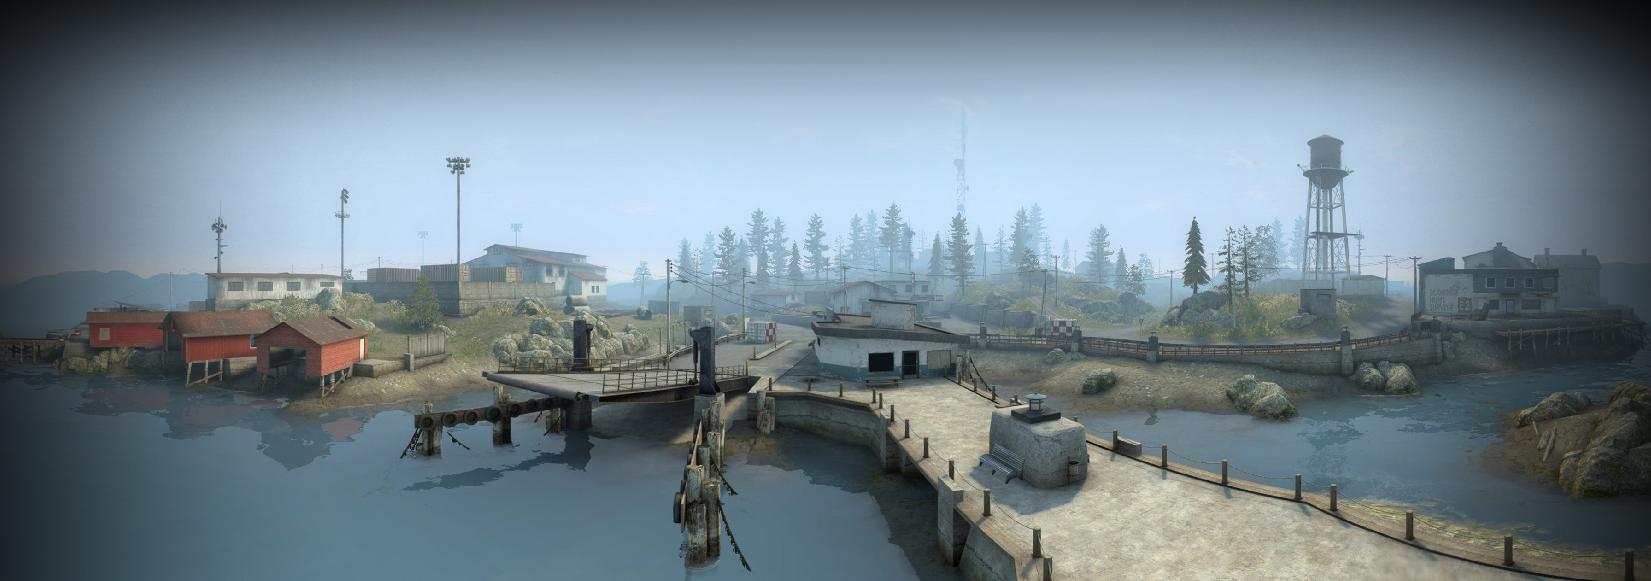 Counter-Strike: Global Offensive přechází na free-to-play a dostává battle royale CSGO DangerZone mapa